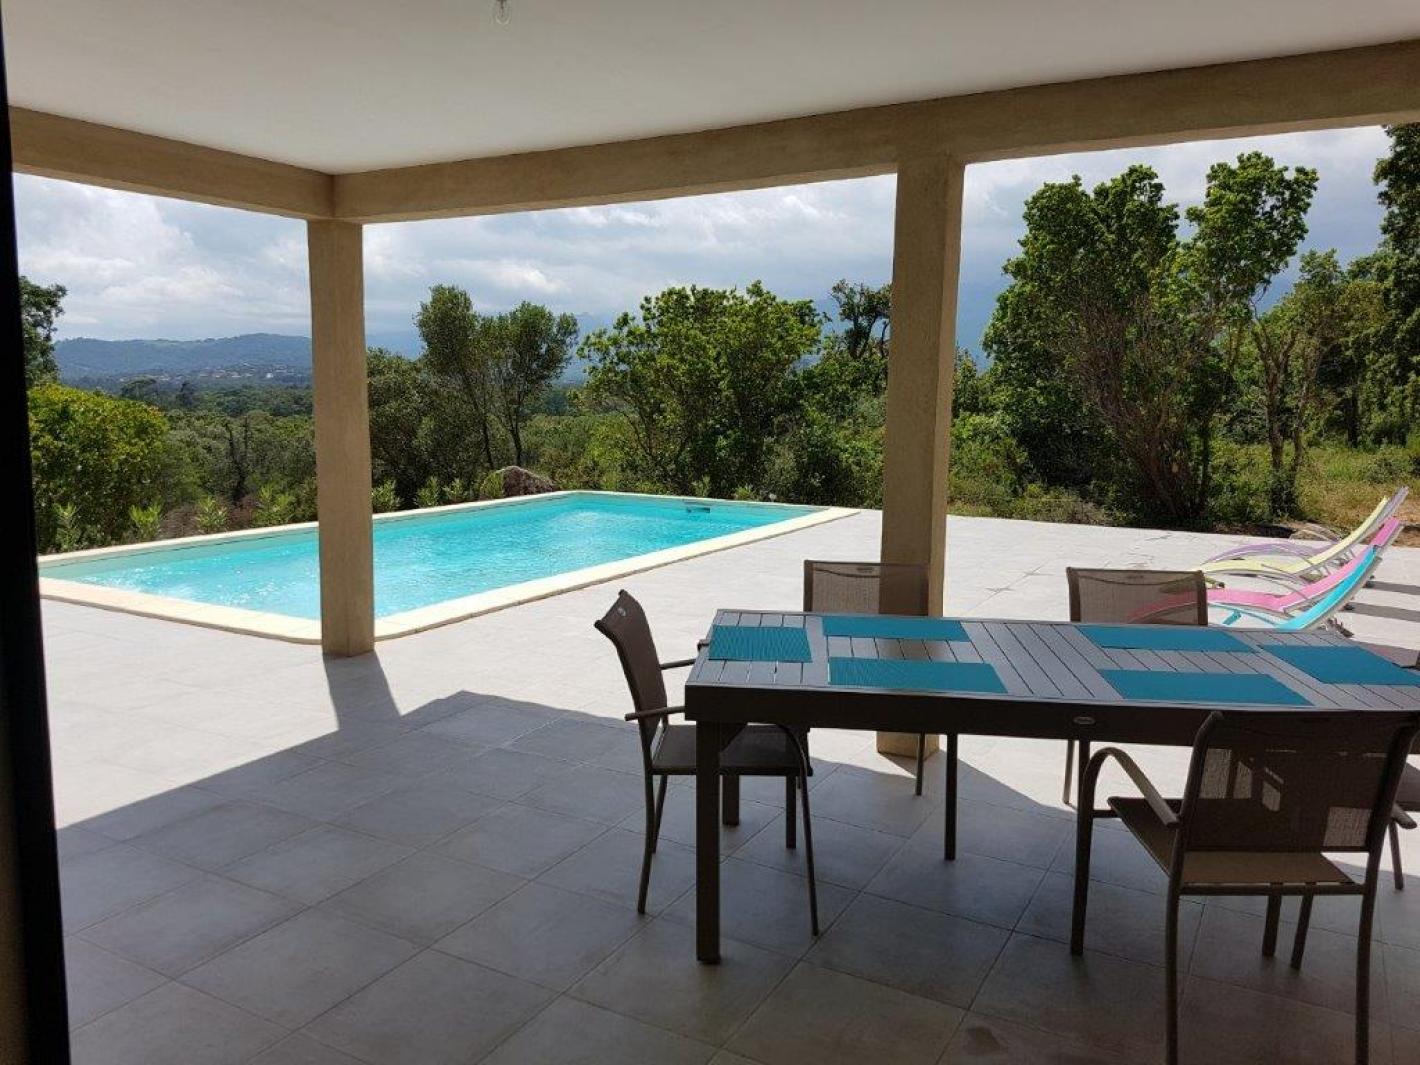 Villa avec piscine priv e proche plage fautea sainte lucie - Location maison piscine porto vecchio ...